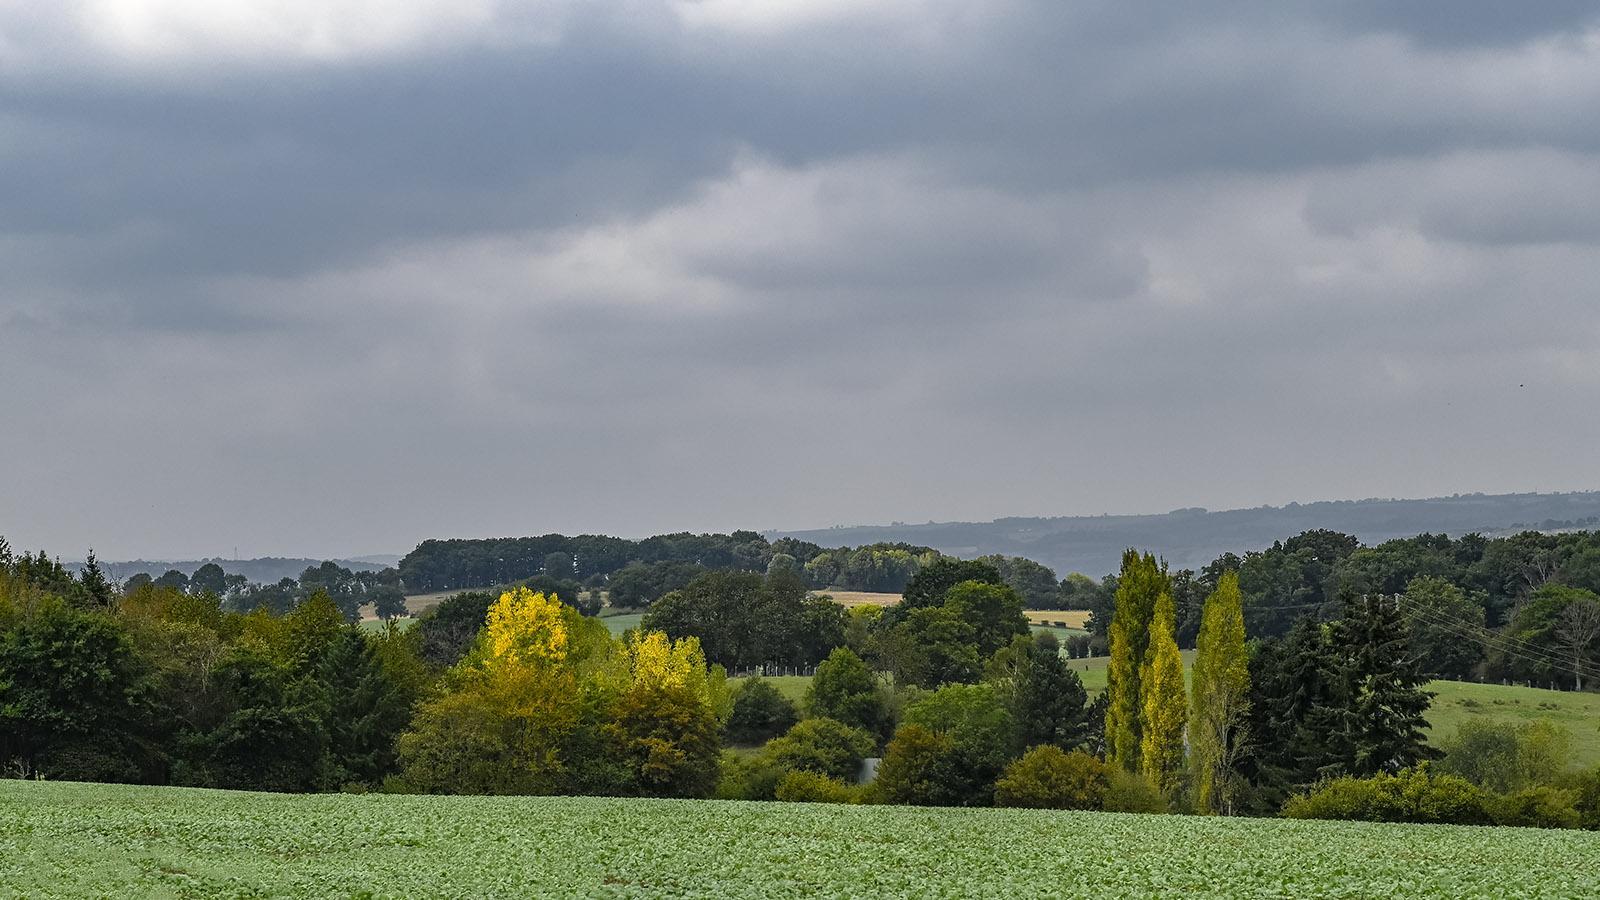 Herbst in der Normannischen Schweiz. Foto: Hilke Maunder